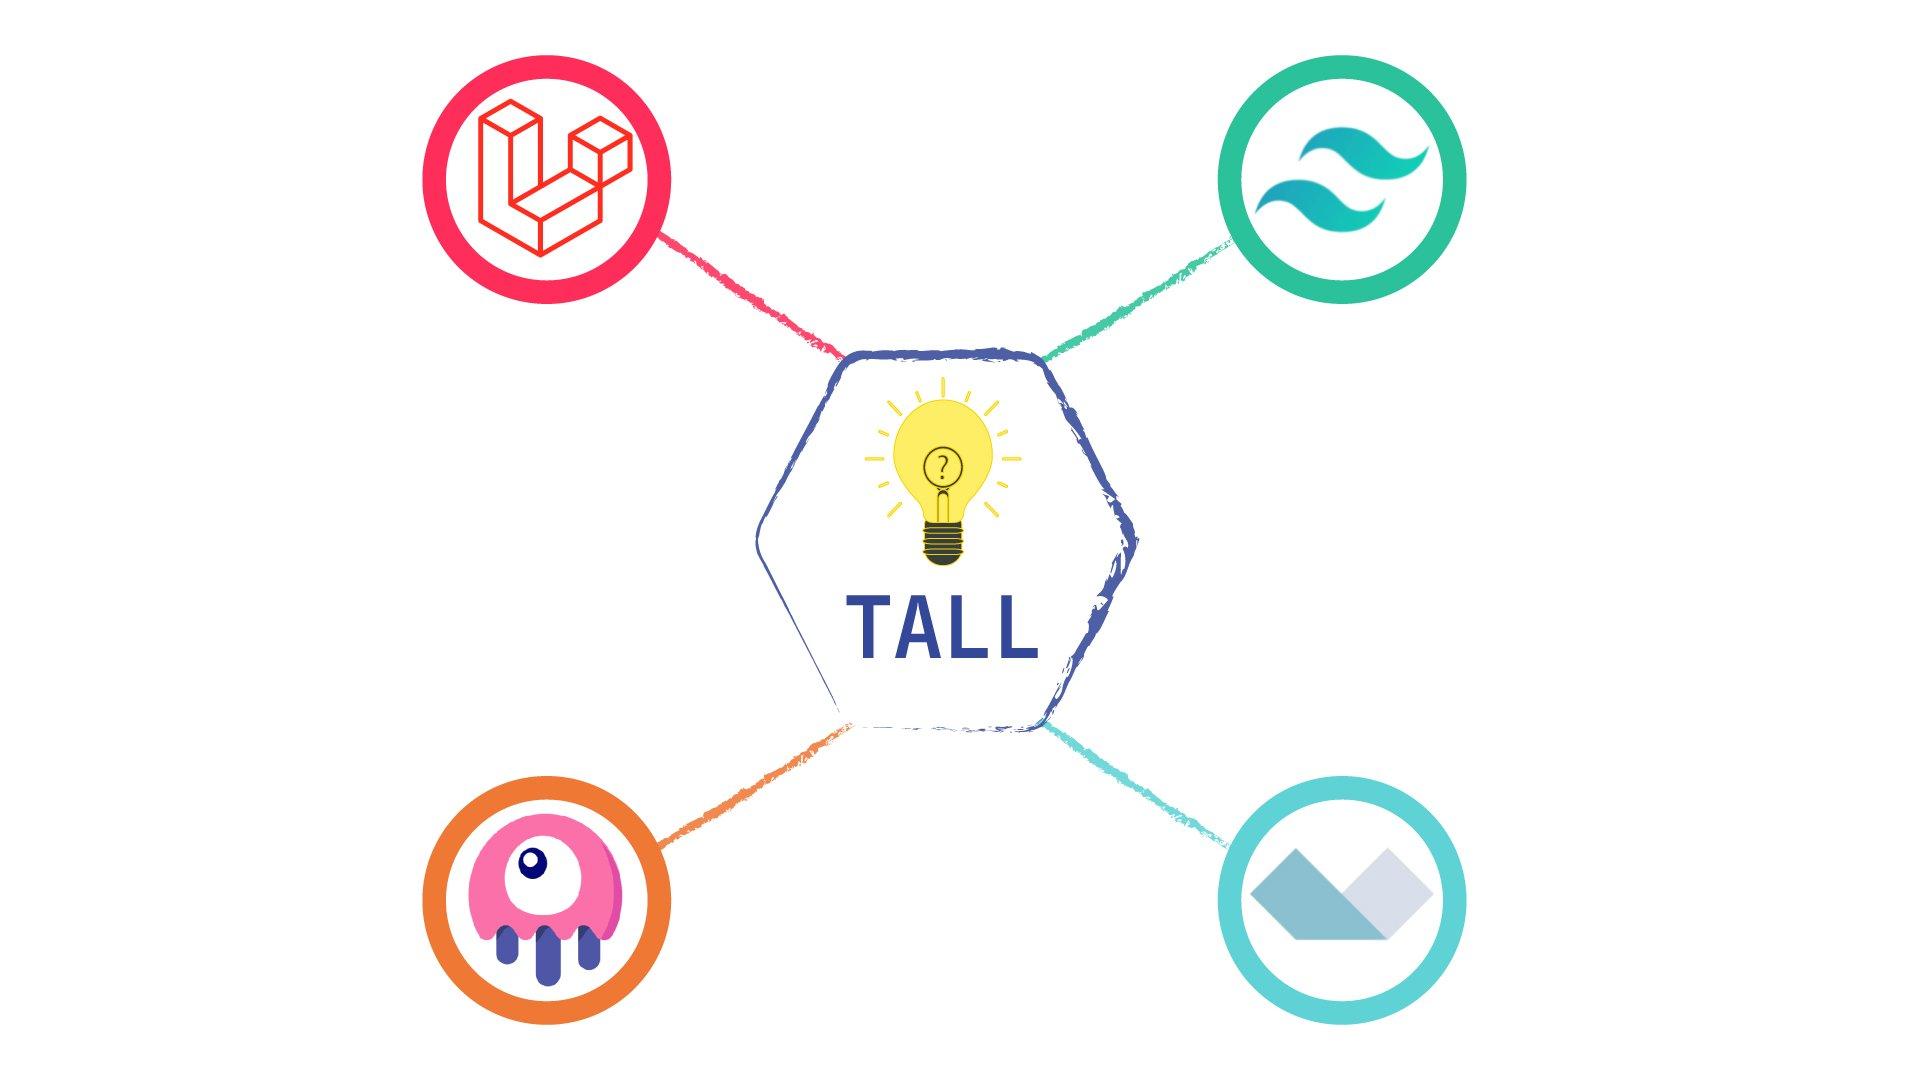 Detalles sobre el curso Inicia con el Stack TALL